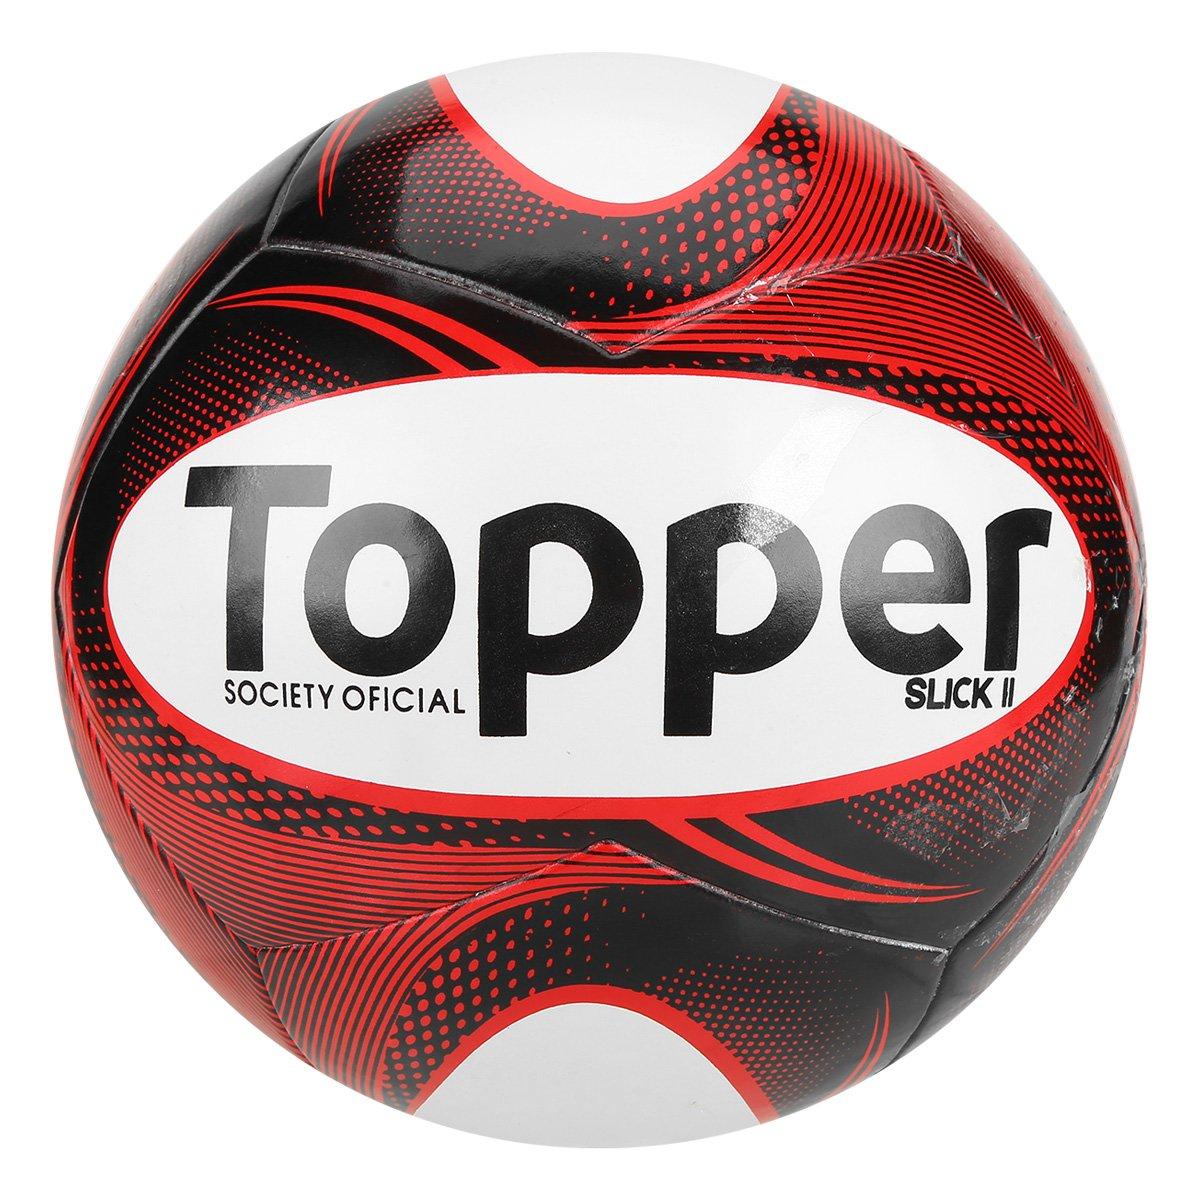 feff8de3b1b8b Bola Futebol Society Topper Slick II - Preto e Branco - Compre Agora ...